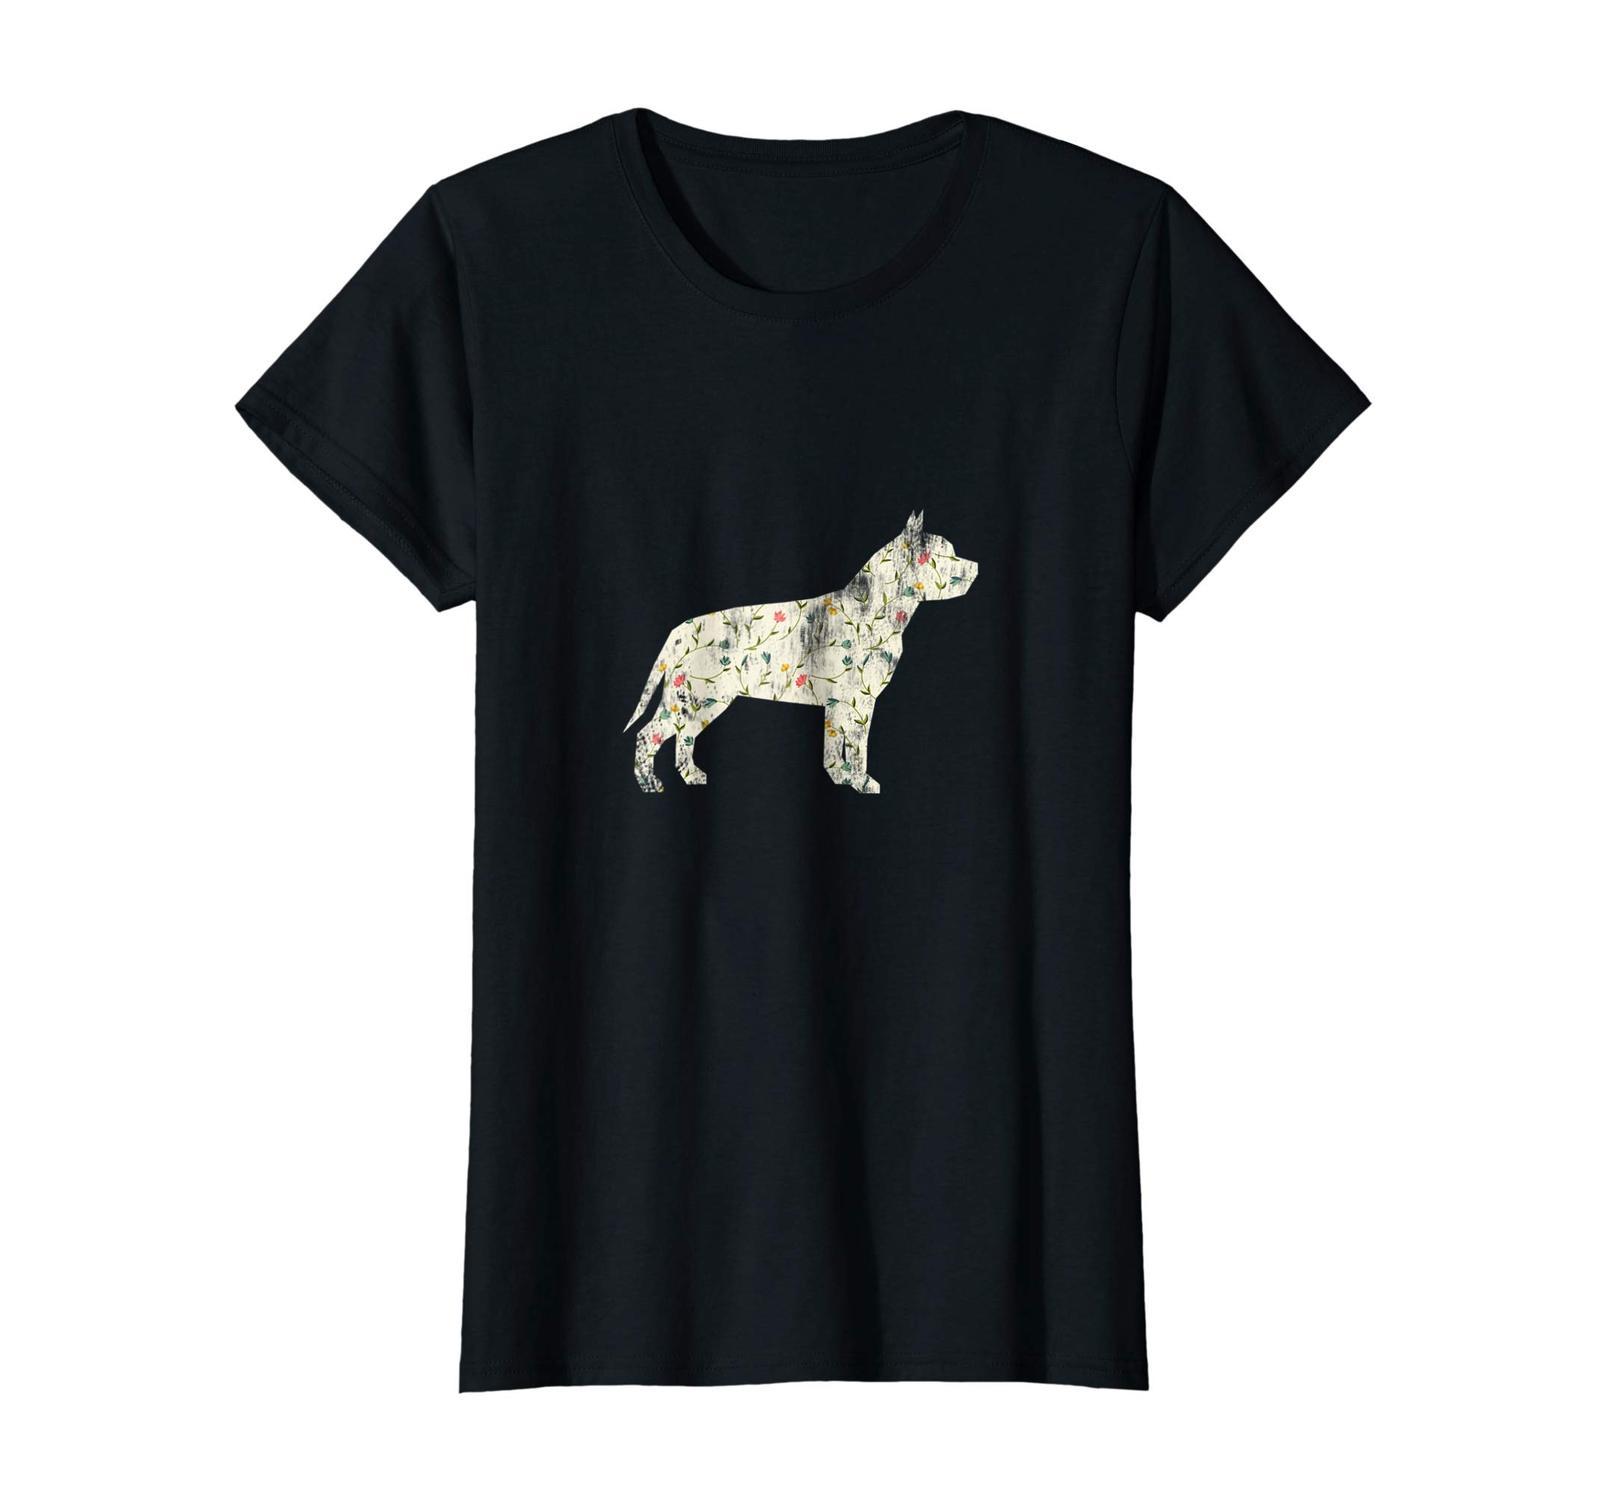 Dog Fashion - Vintage Floral Pitbull Shirt Dog Lover Dog Owner Gift Wowen image 2